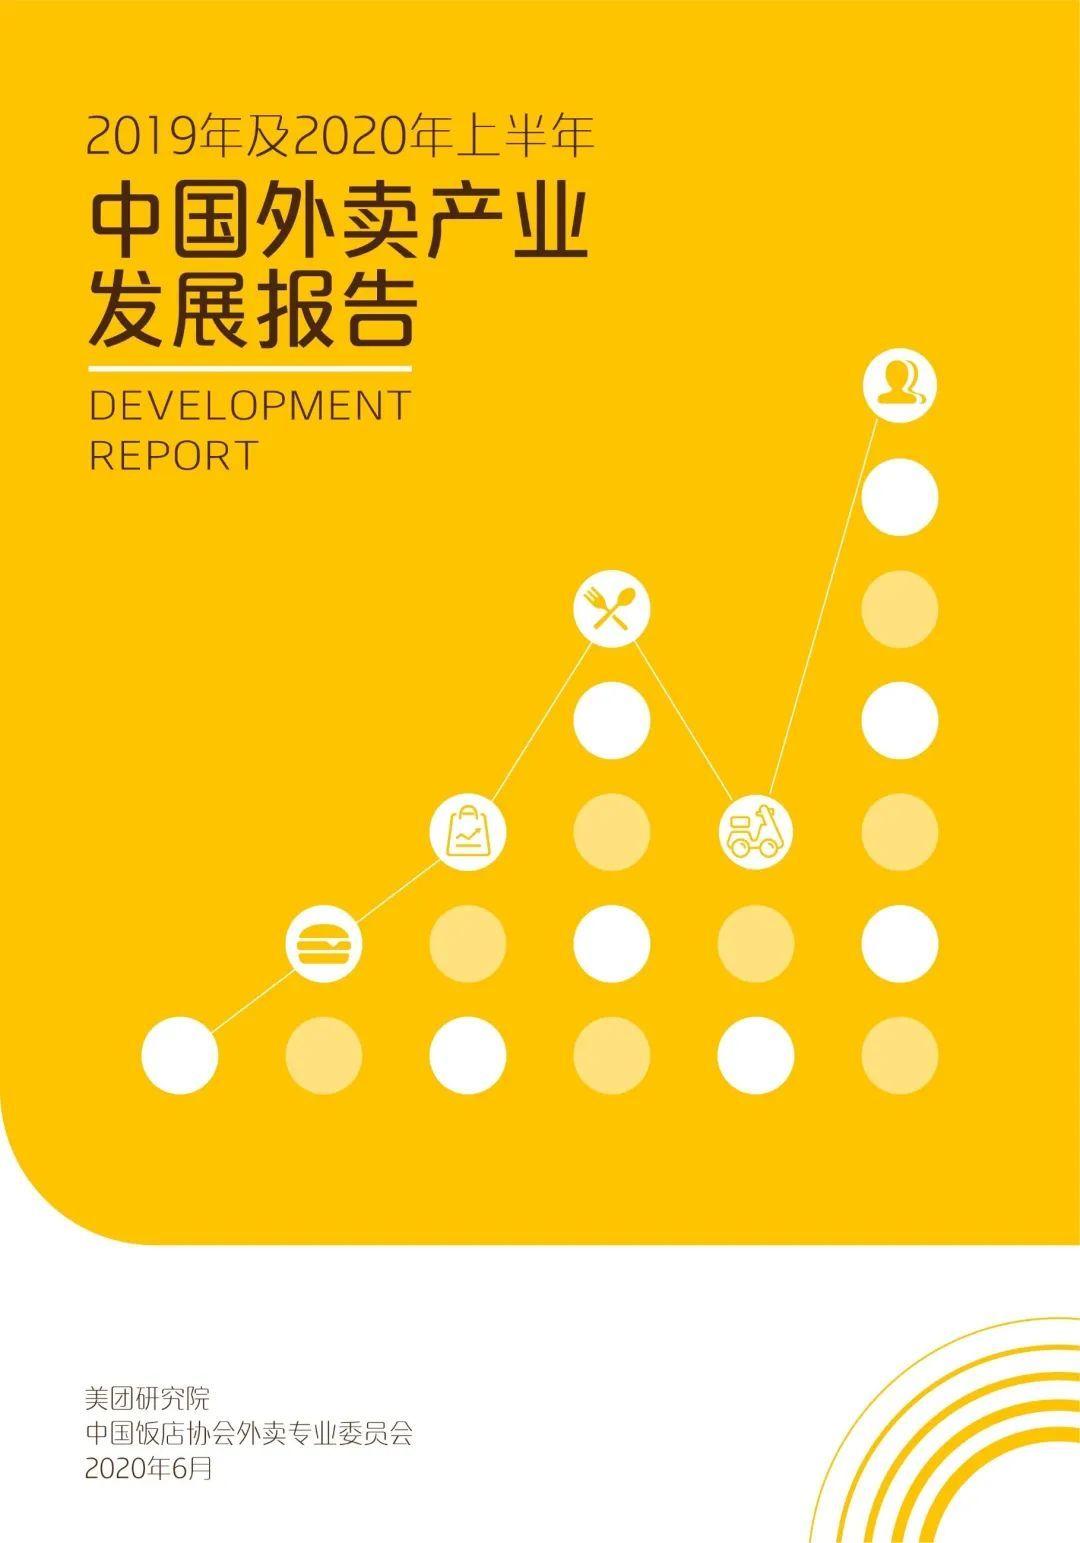 2019年及2020年上半年中国外卖产业发展报告(附下载)